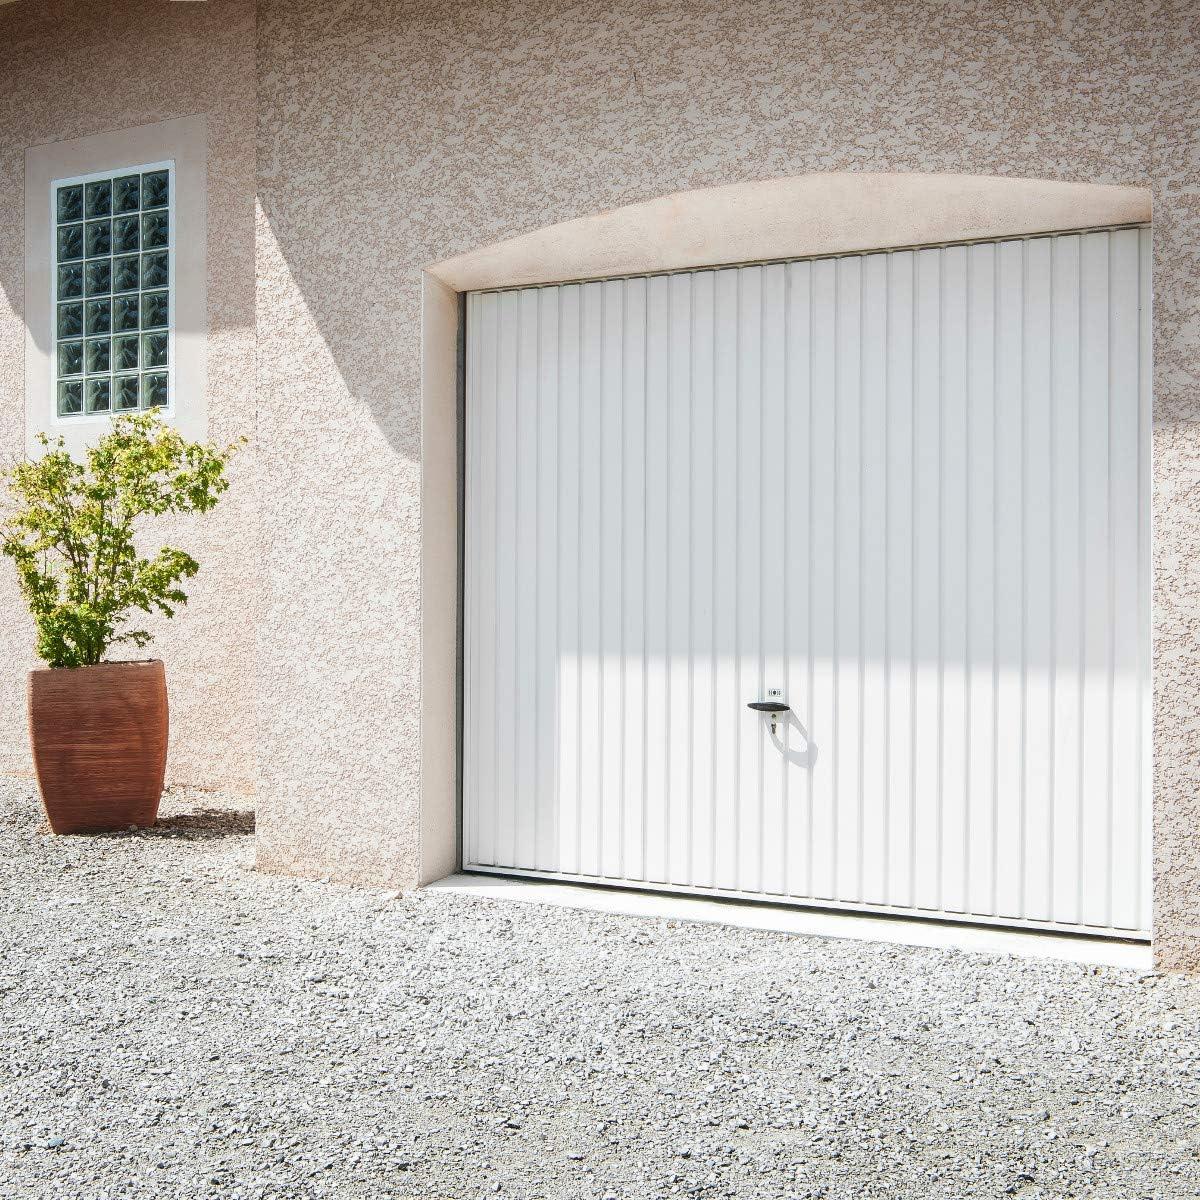 Somfy 2400658, Kit para apertura manual, cerradura puerta de garaje, Para aperturas de emergencia, Compatible con motores de garaje GDK de Somfy: Amazon.es: Bricolaje y herramientas